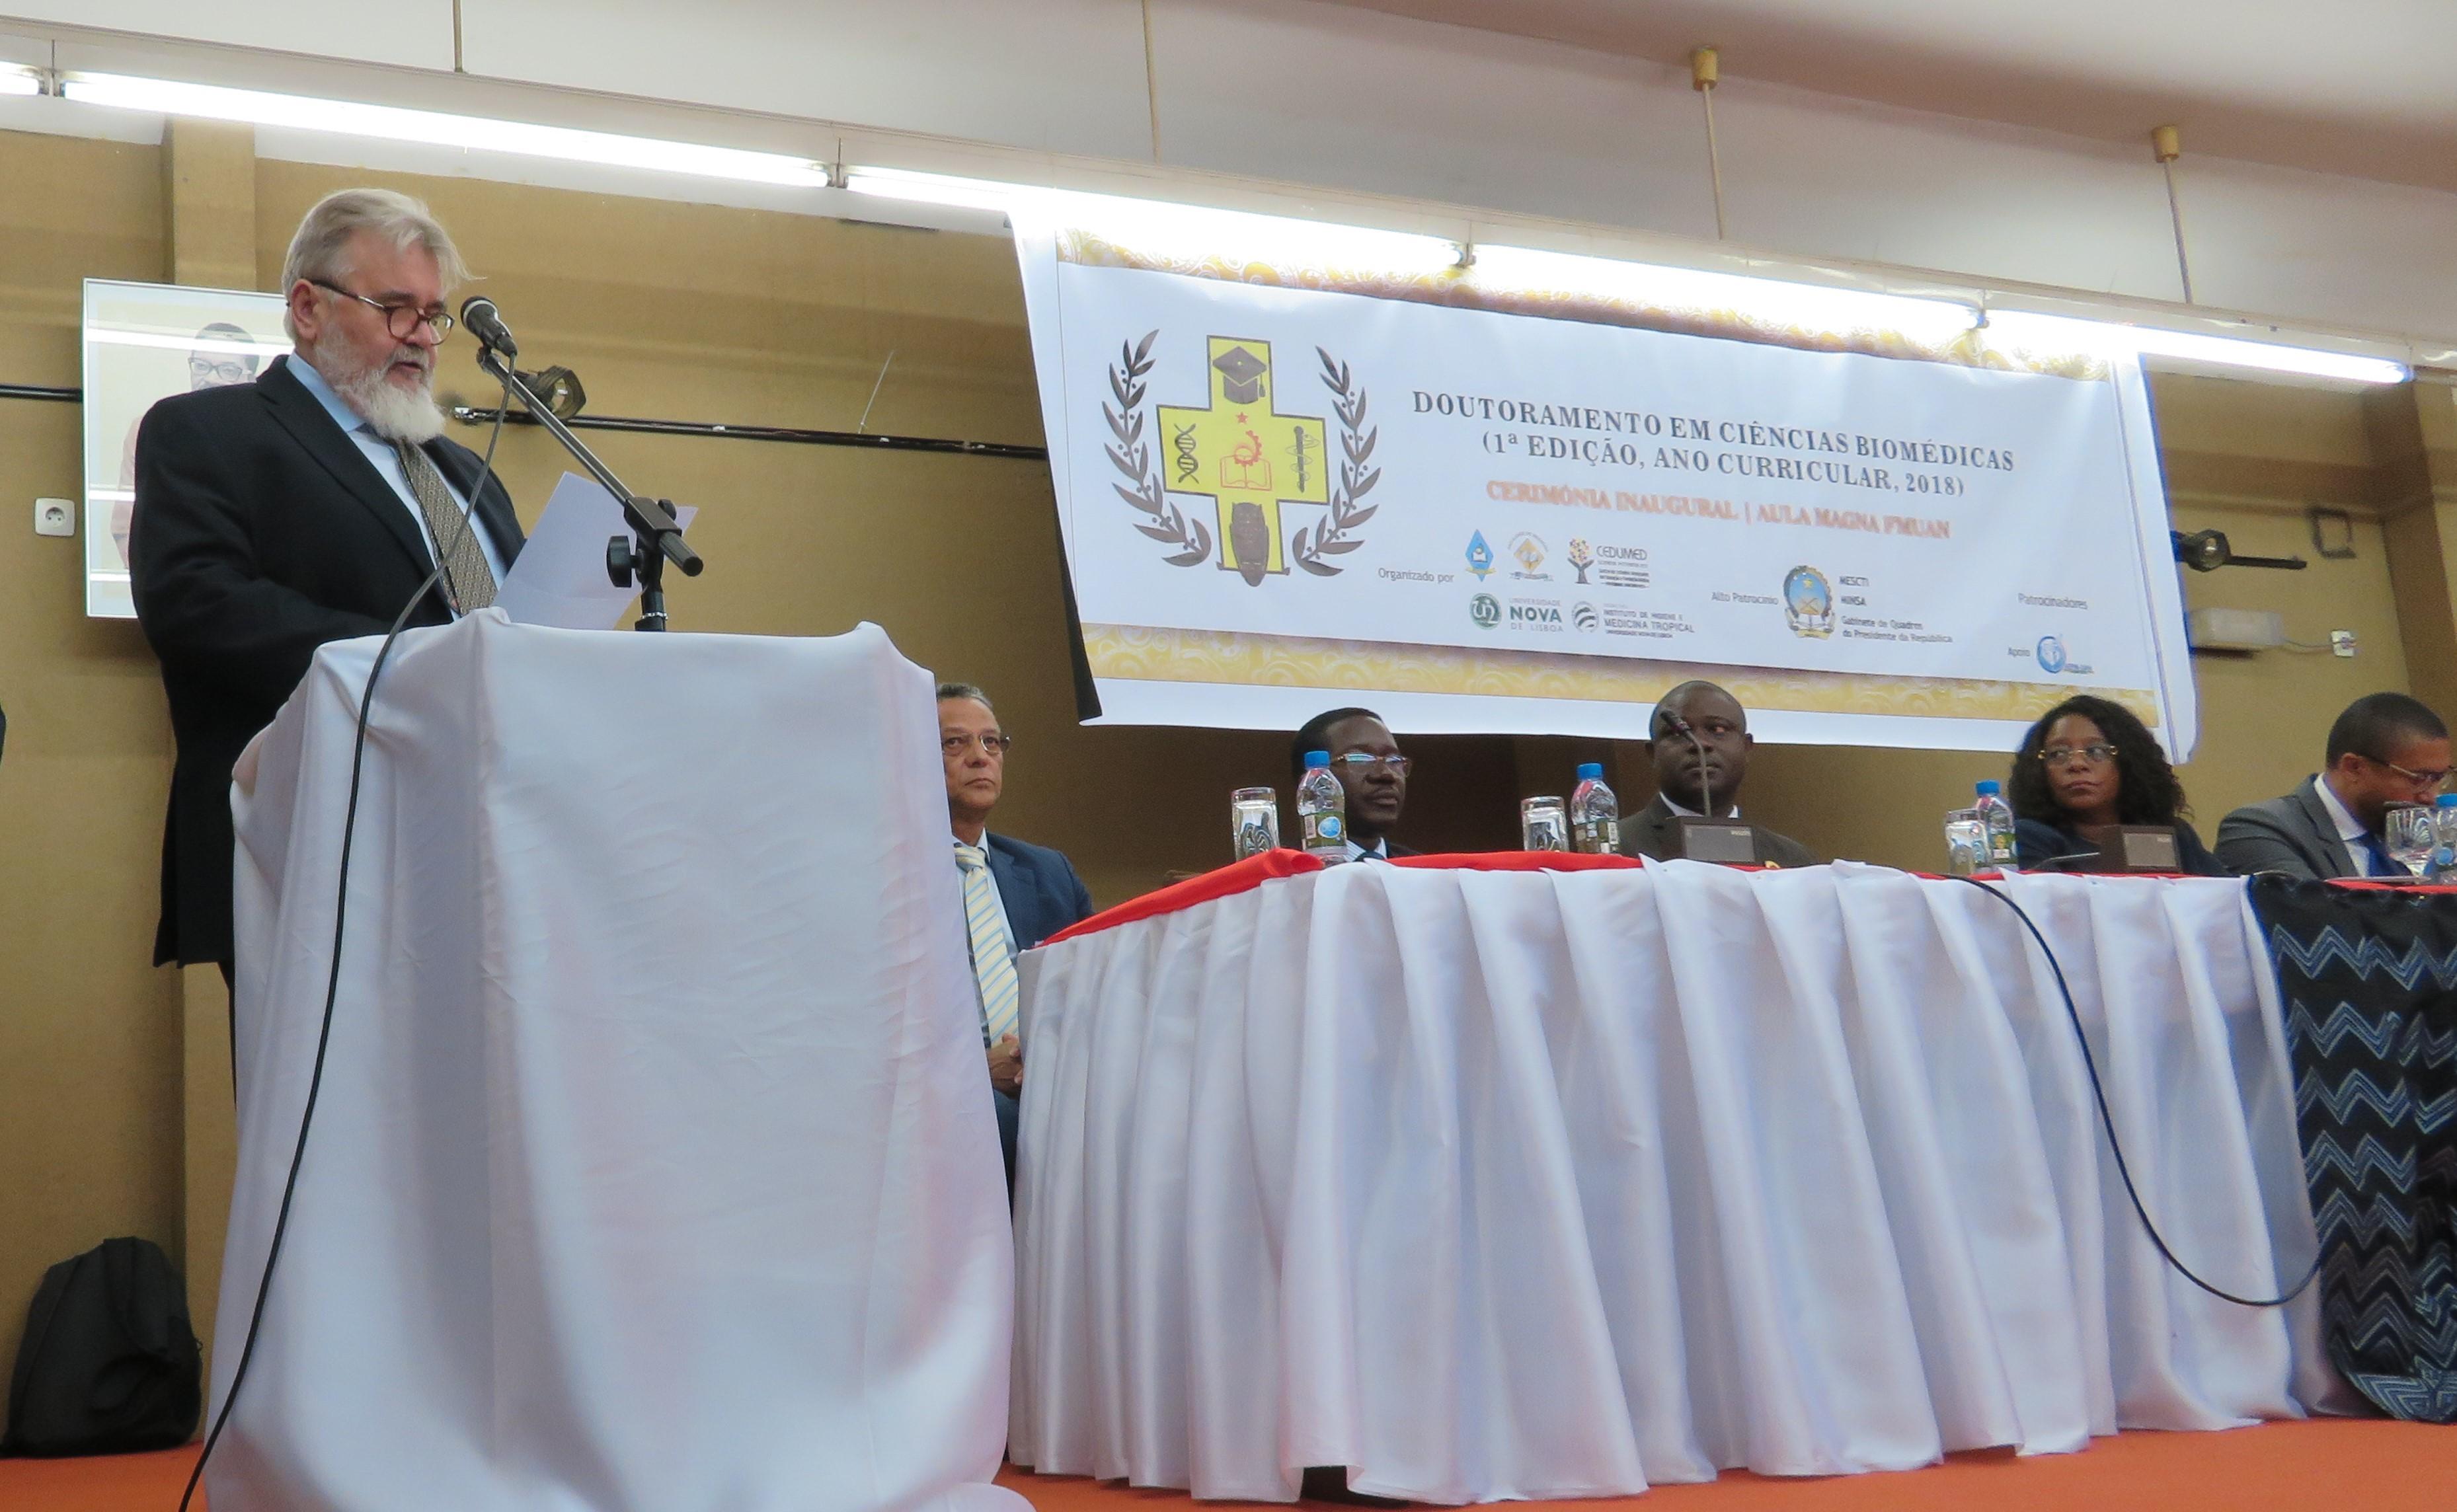 Paulo Ferrinho discursou na cerimónia solene de abertura do doutoramento em Ciências Biomédicas